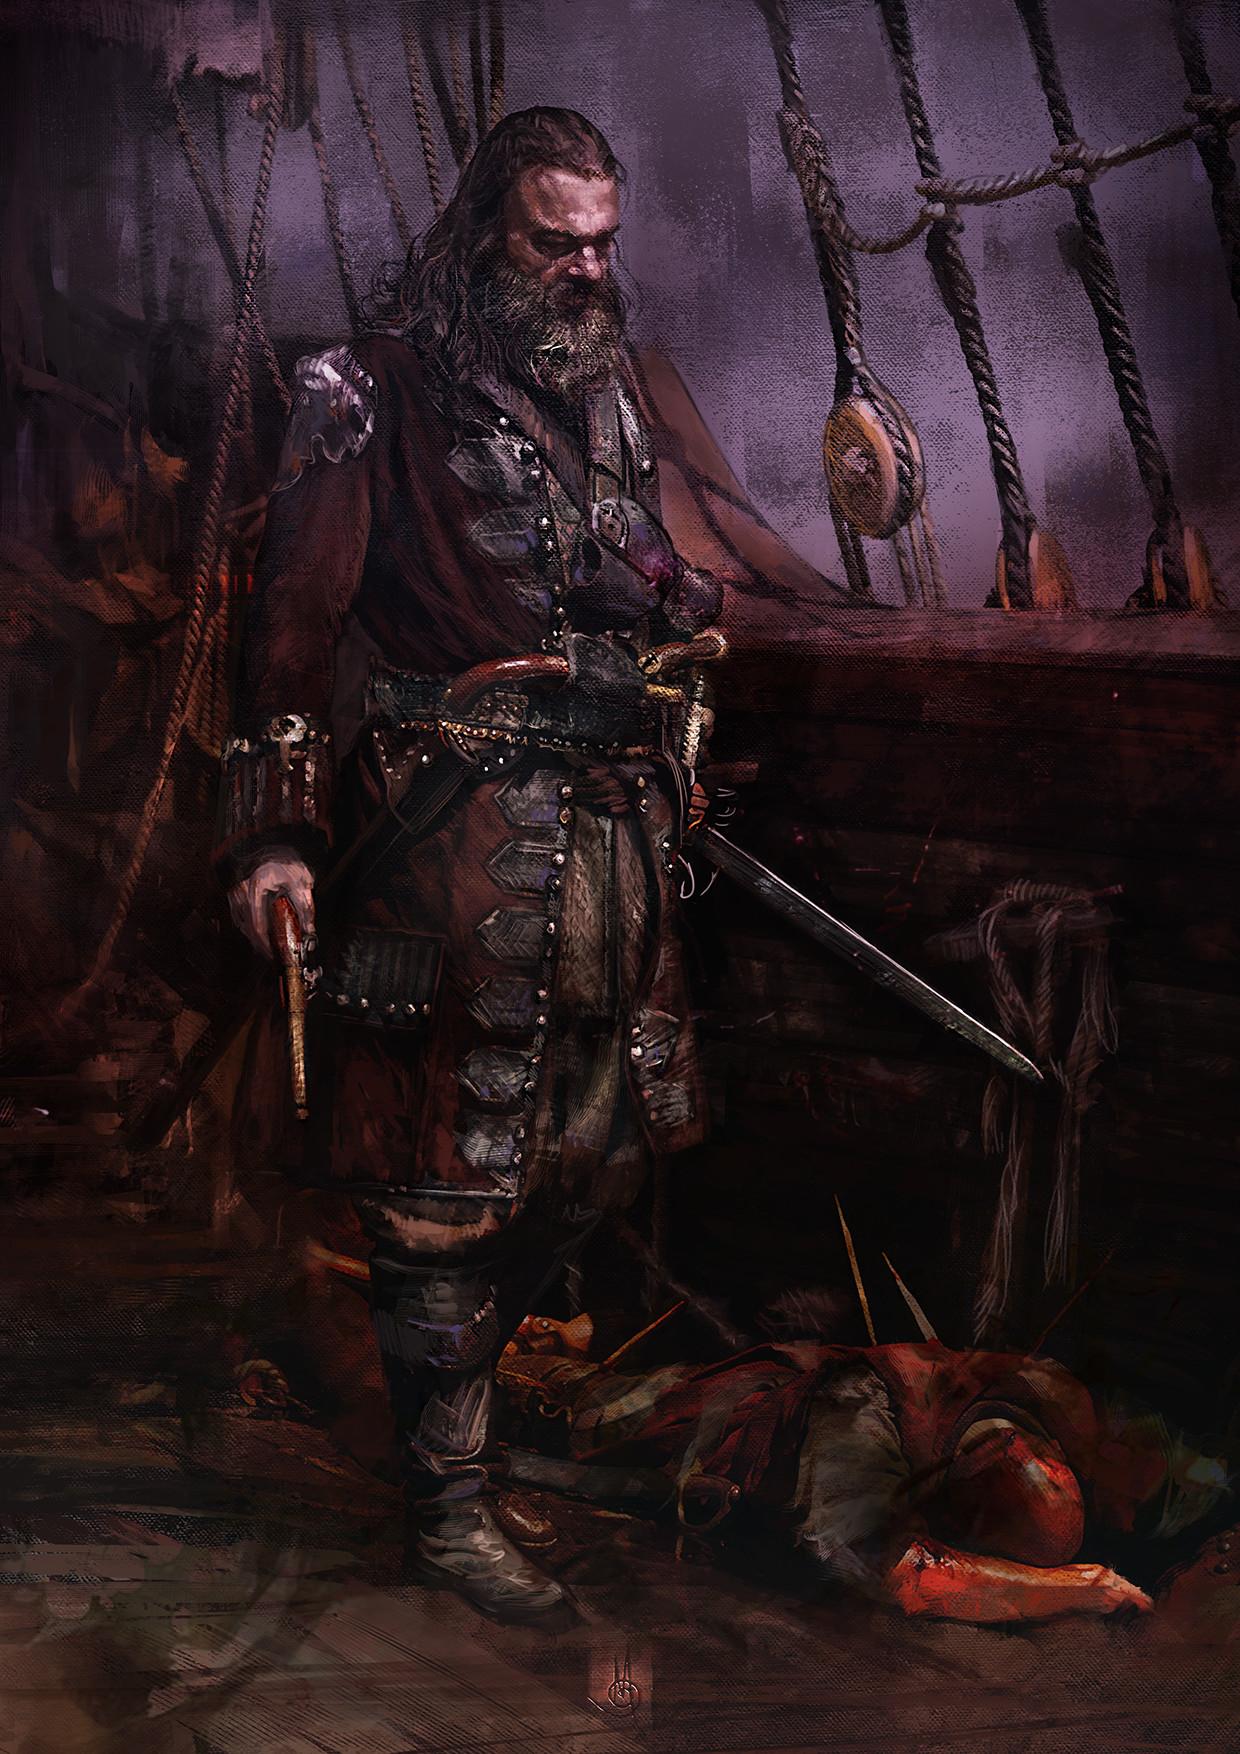 Murat gul blackbeard by muratgul